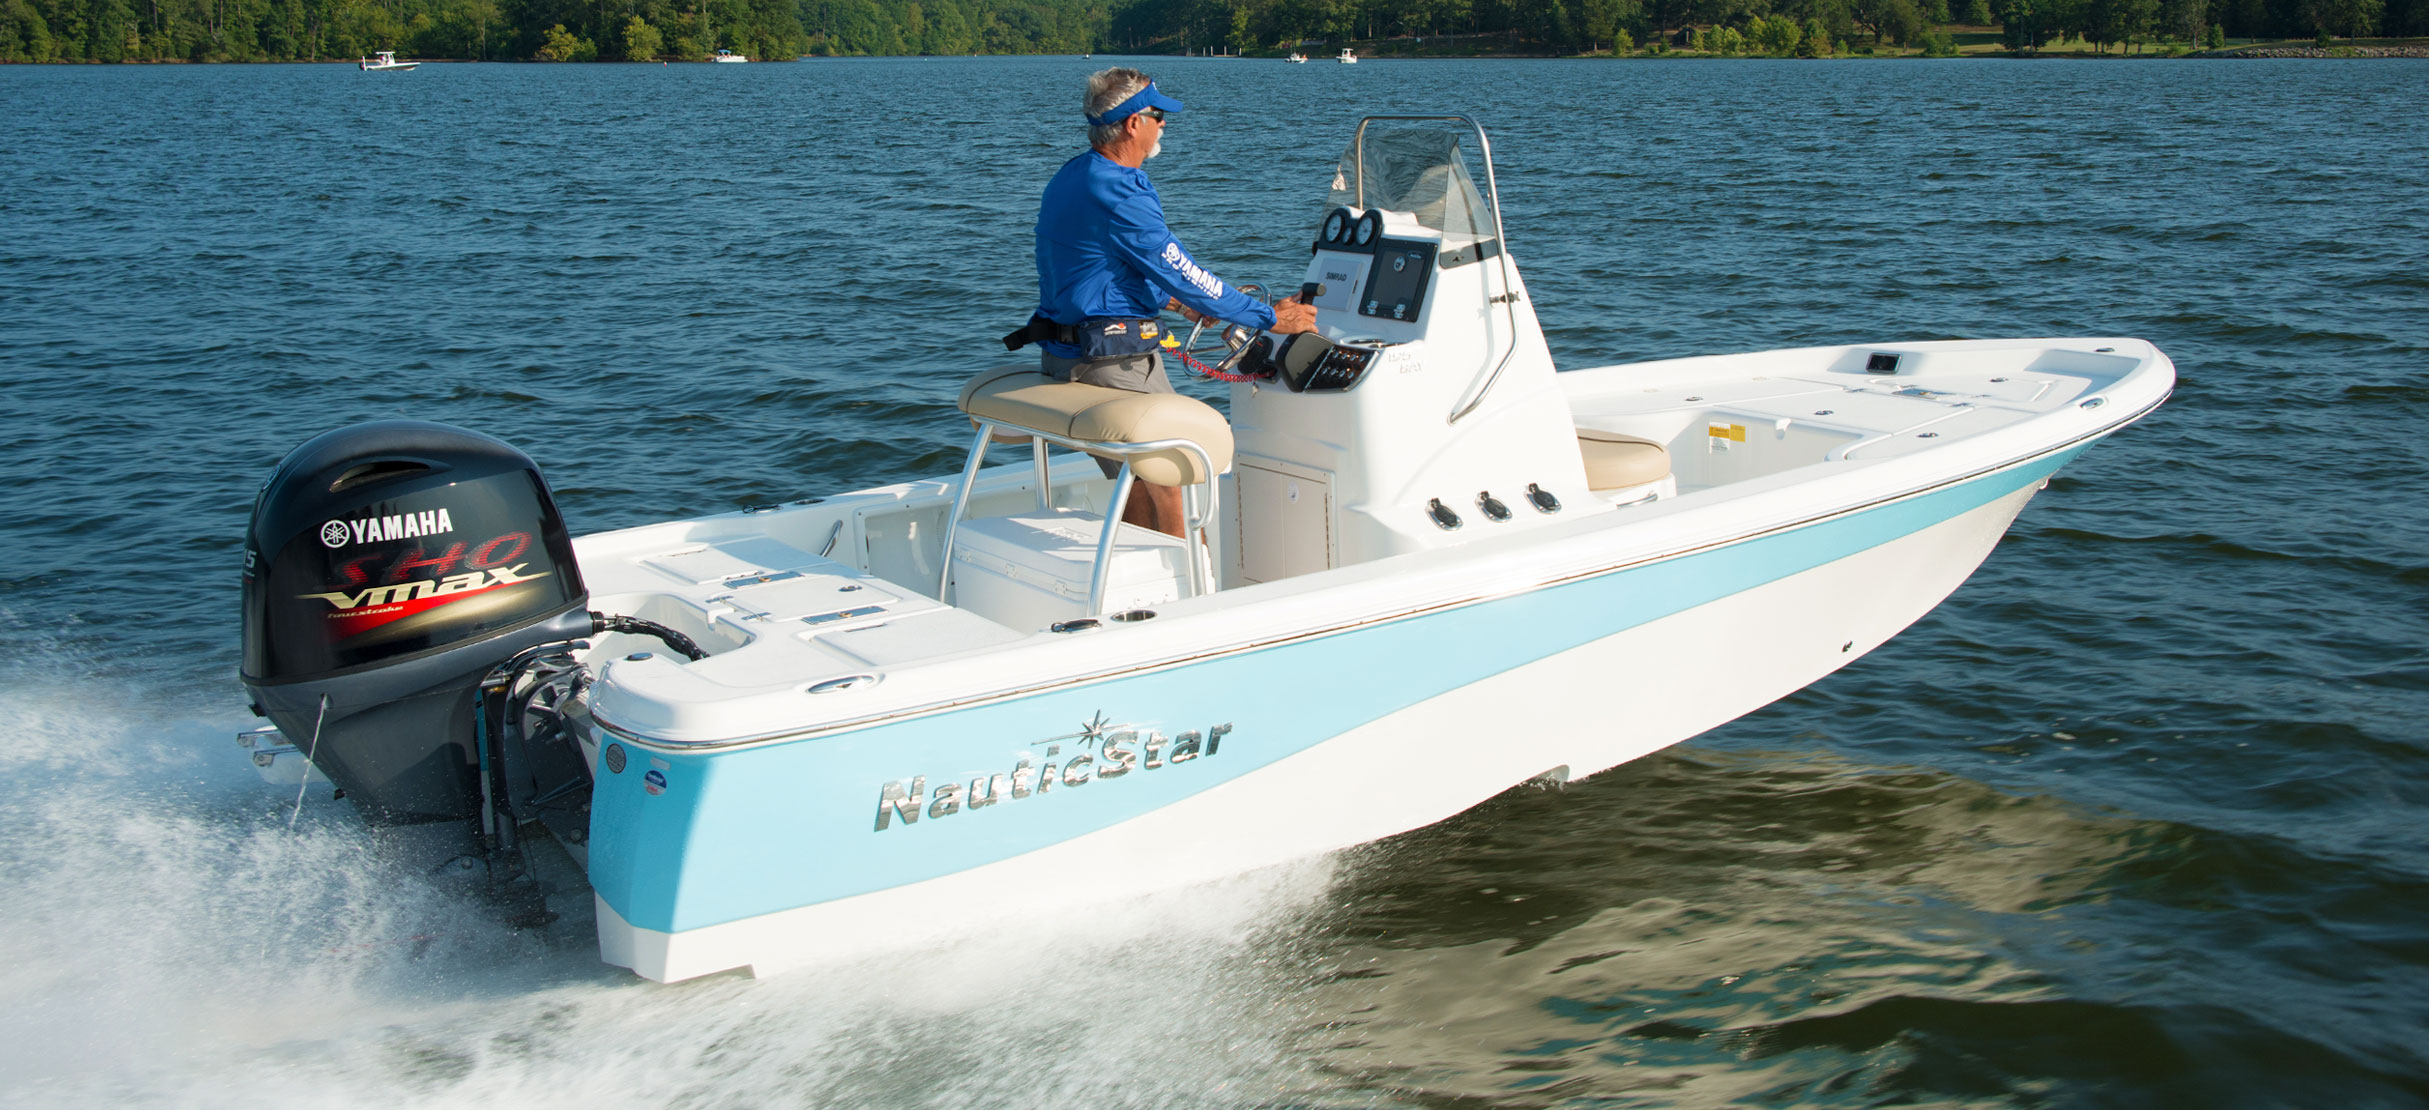 195 NauticBay | NauticStar Boats on